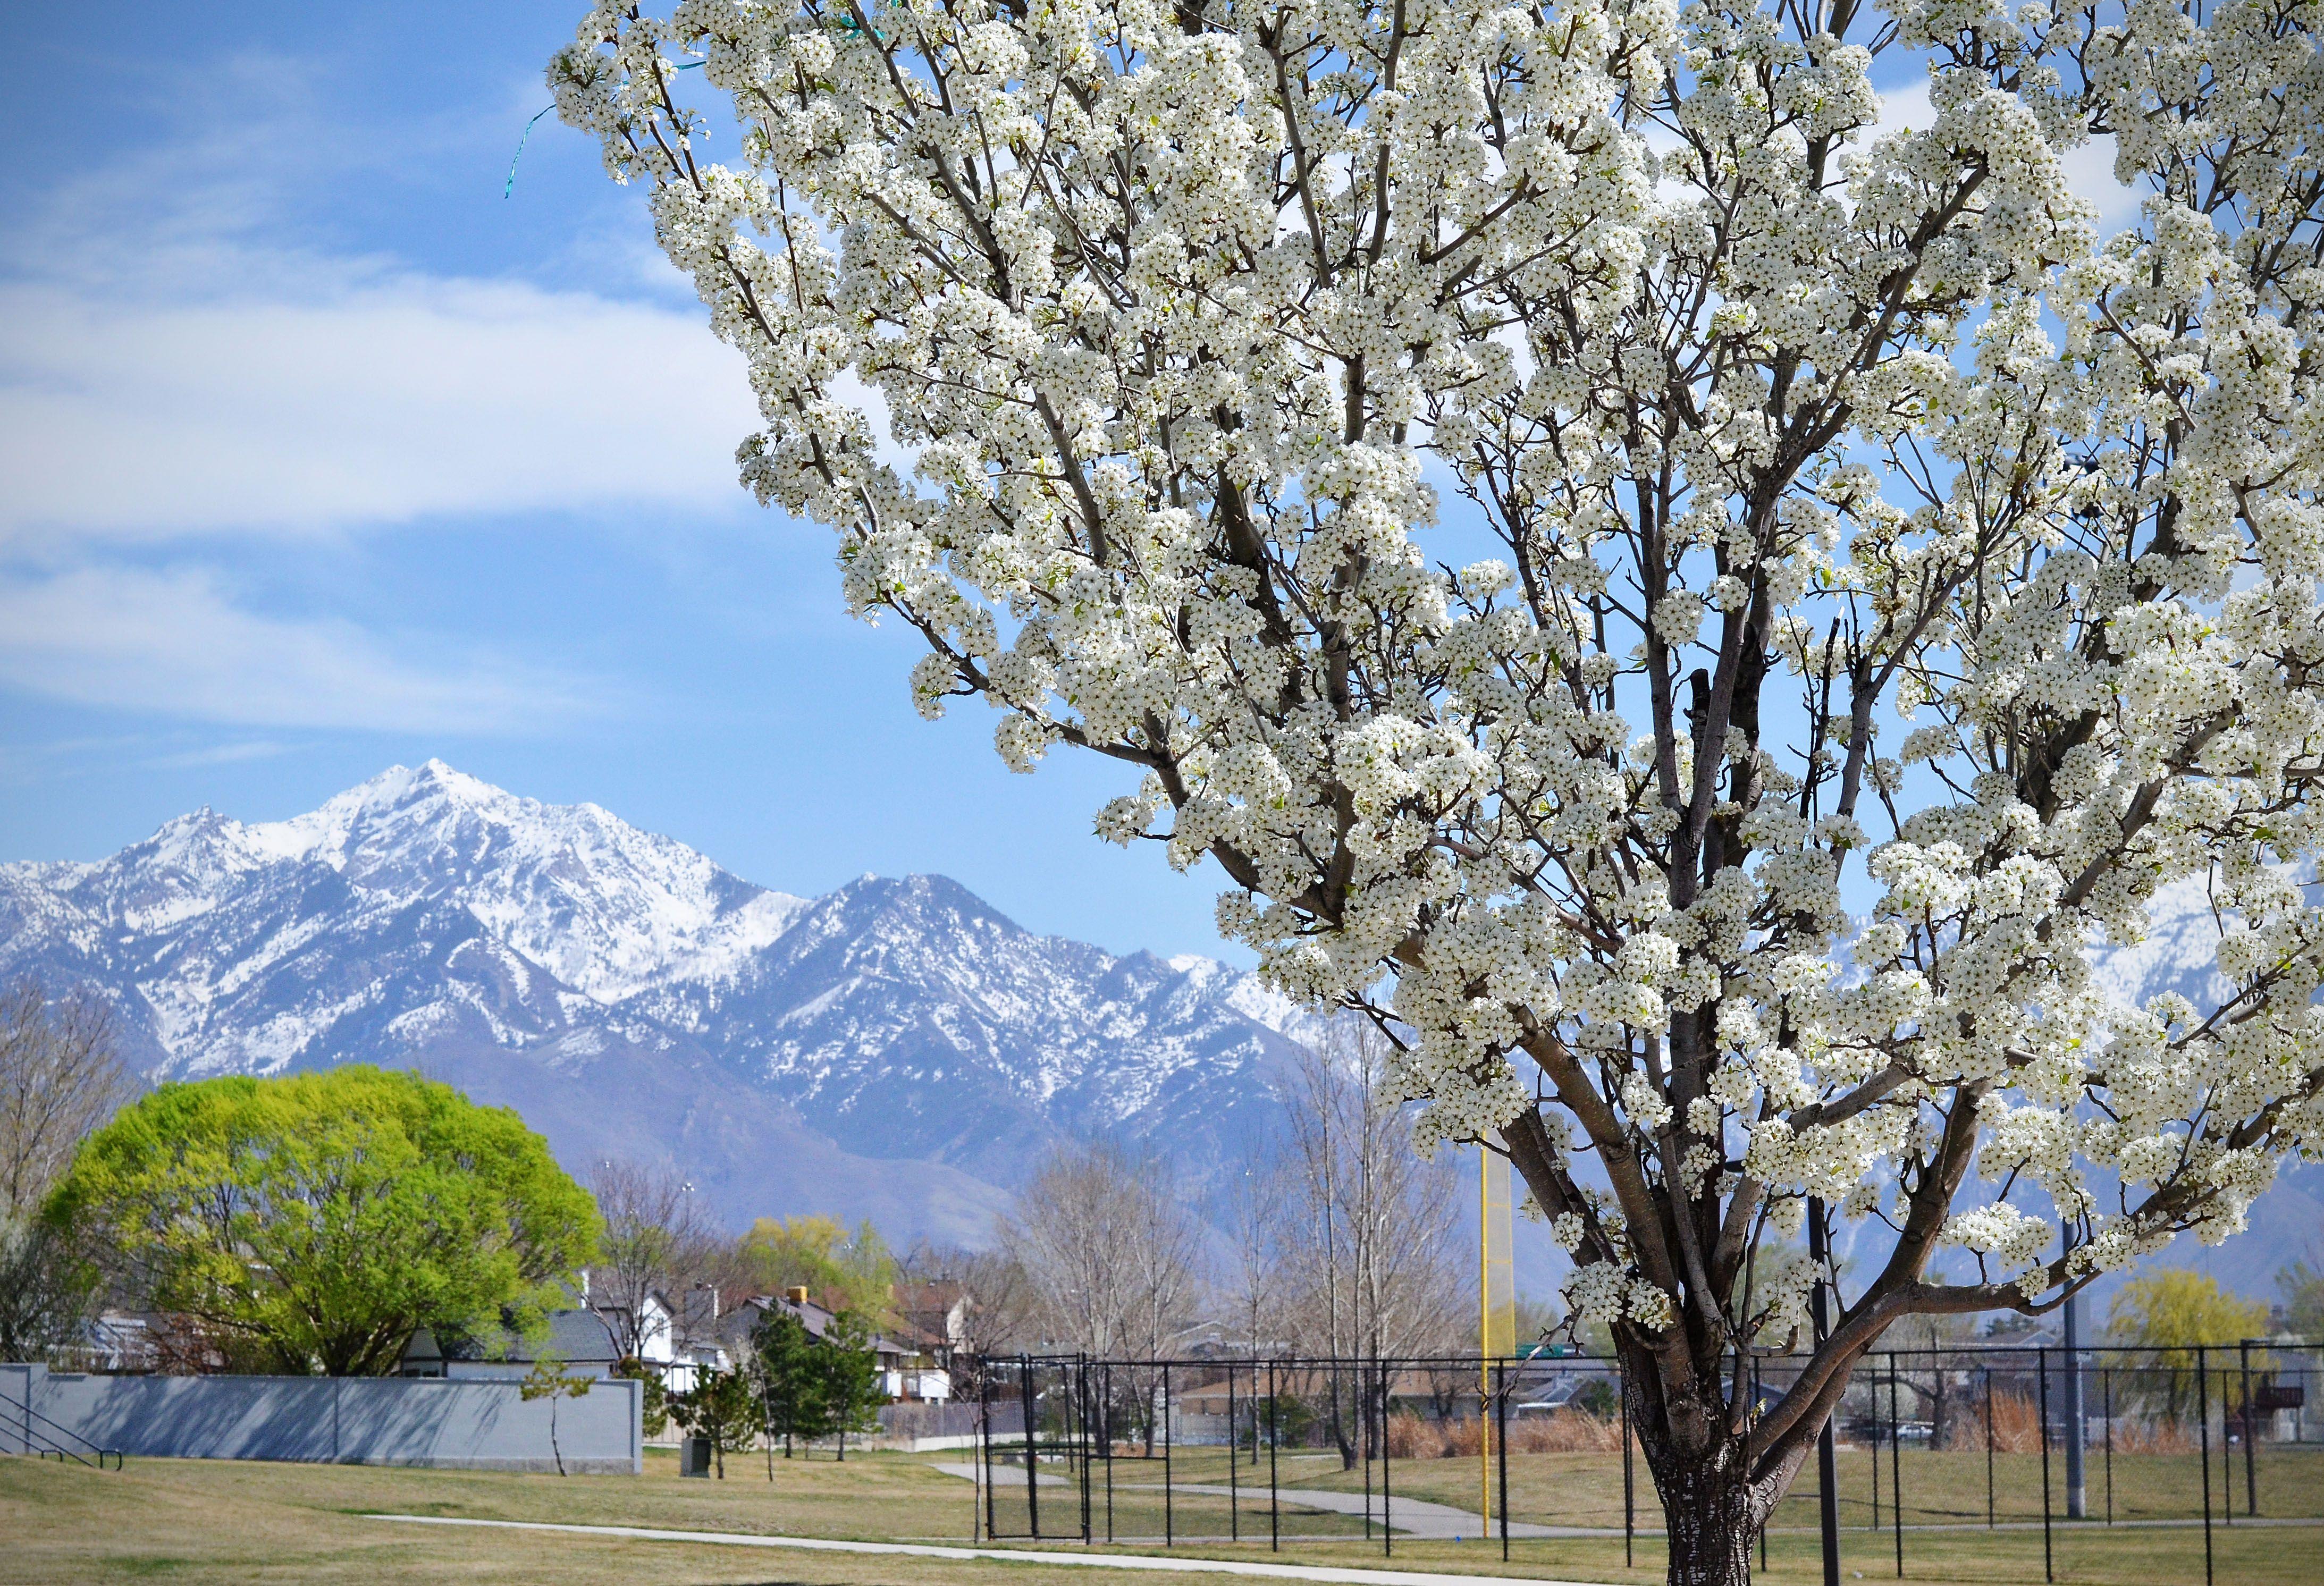 Utah Tree Spring Has Sprung And The Flowering Trees In Utah Are Crazy Pretty Plant Life Flowering Trees Utah